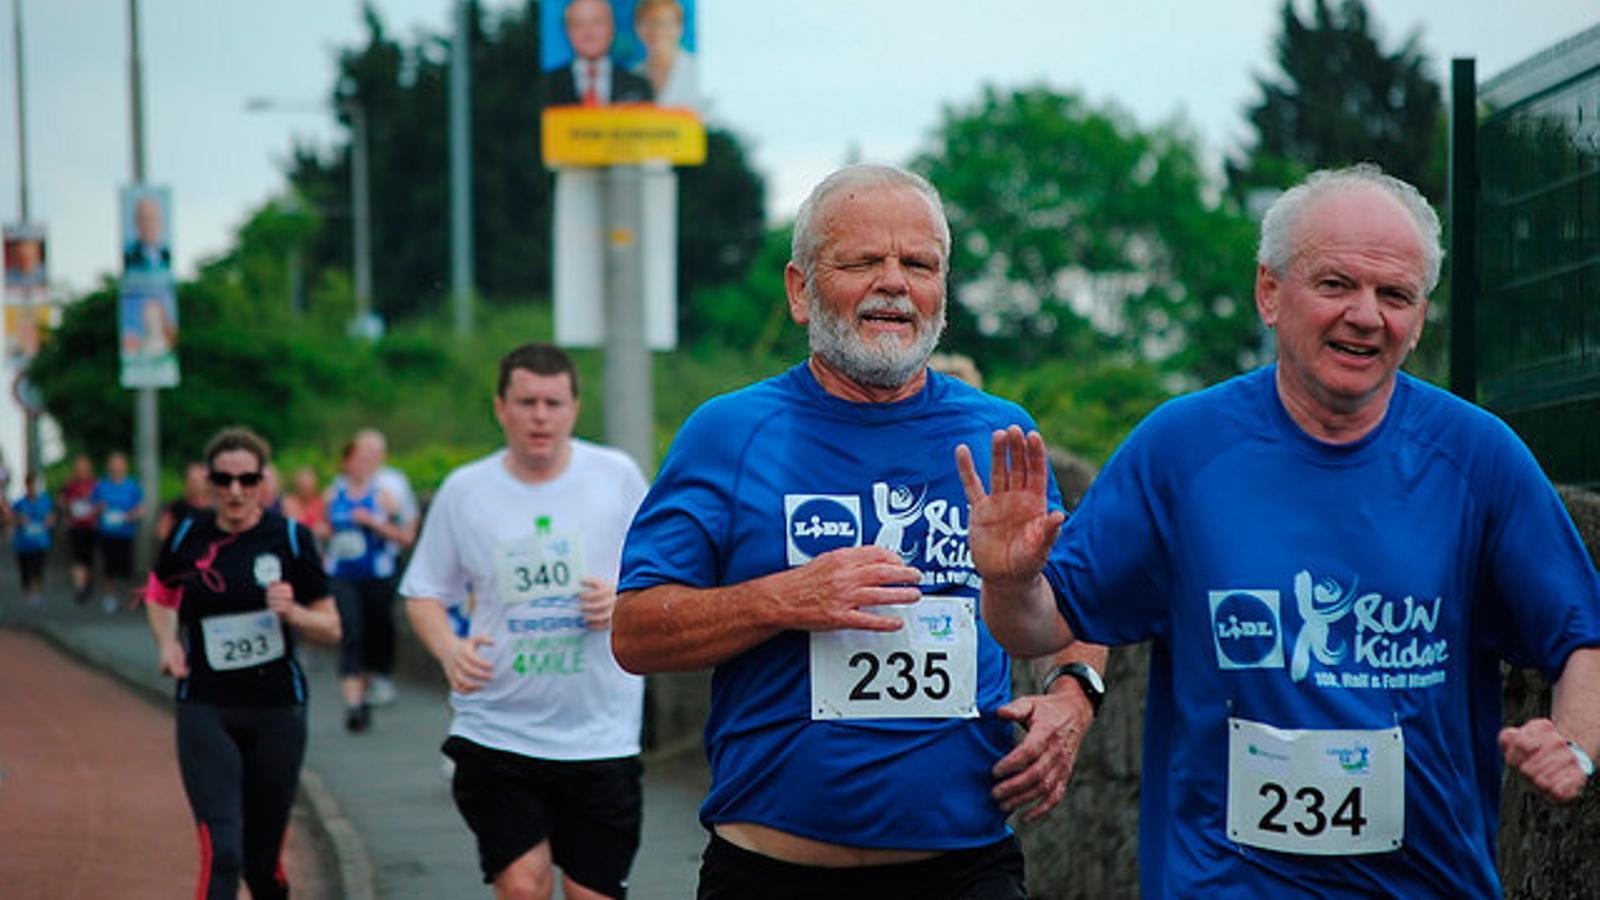 Córrer un gran exercici físic... També a partir dels 60 anys PRIMERA PART